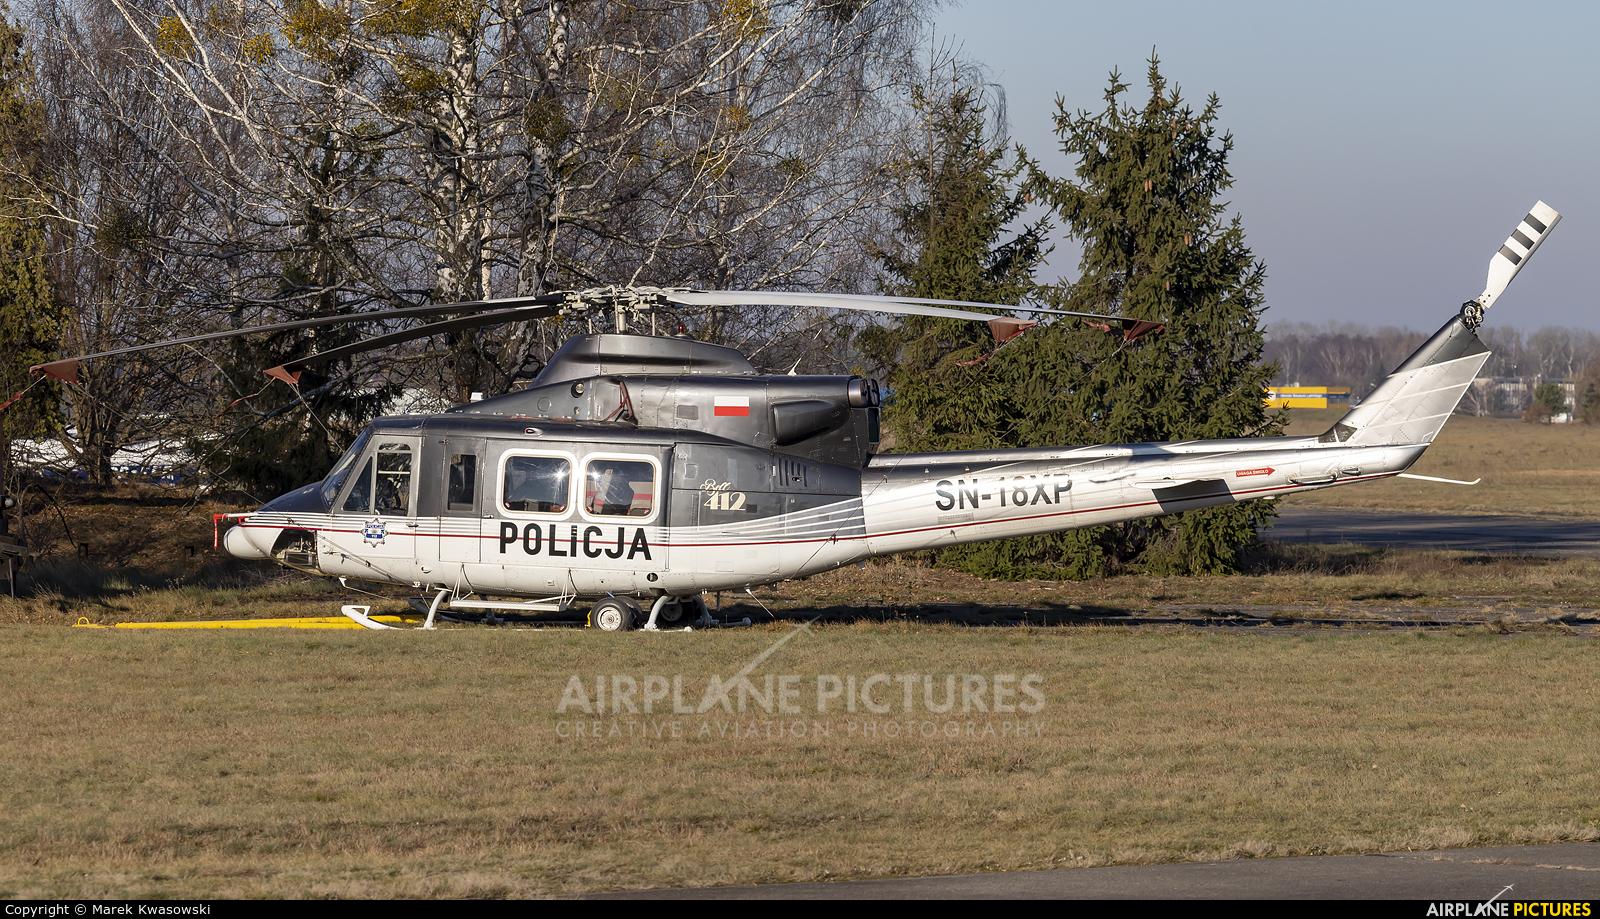 Poland - Police SN-18XP aircraft at Warsaw - Babice